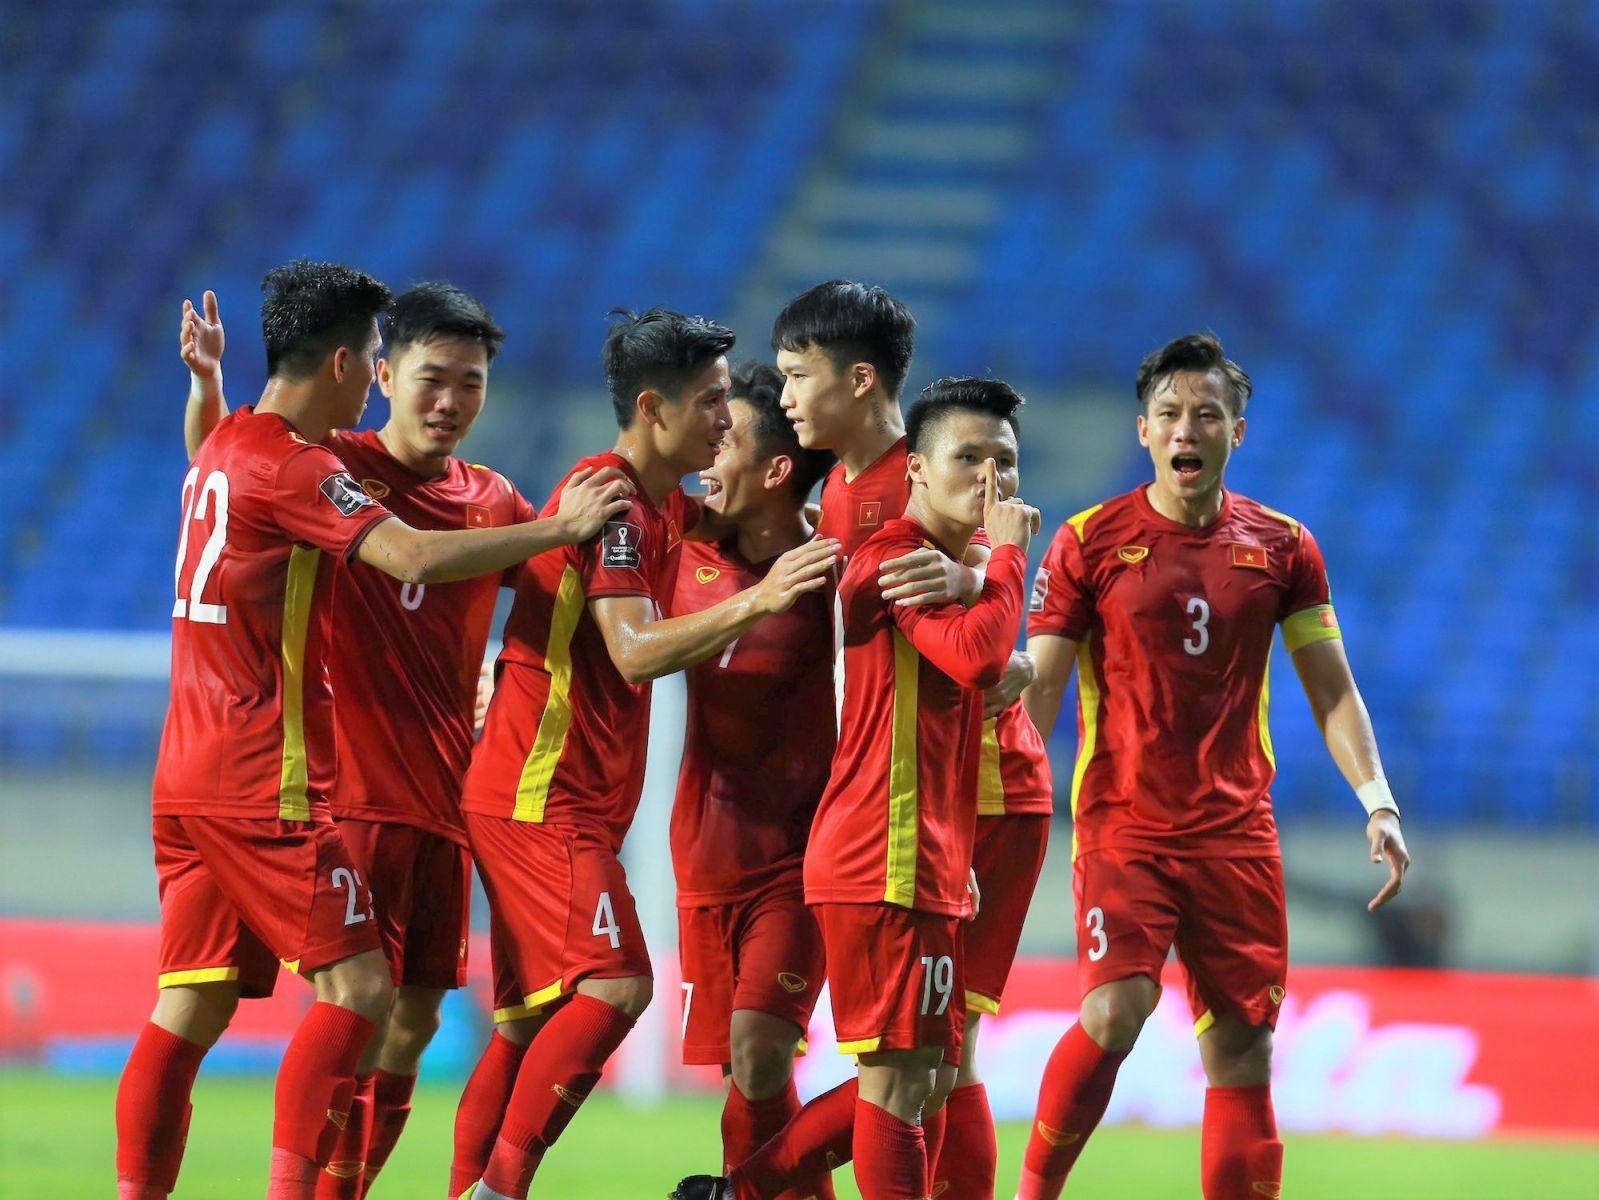 Đội tuyển Việt Nam chiến thắng Malaysia với tỉ số 2-1